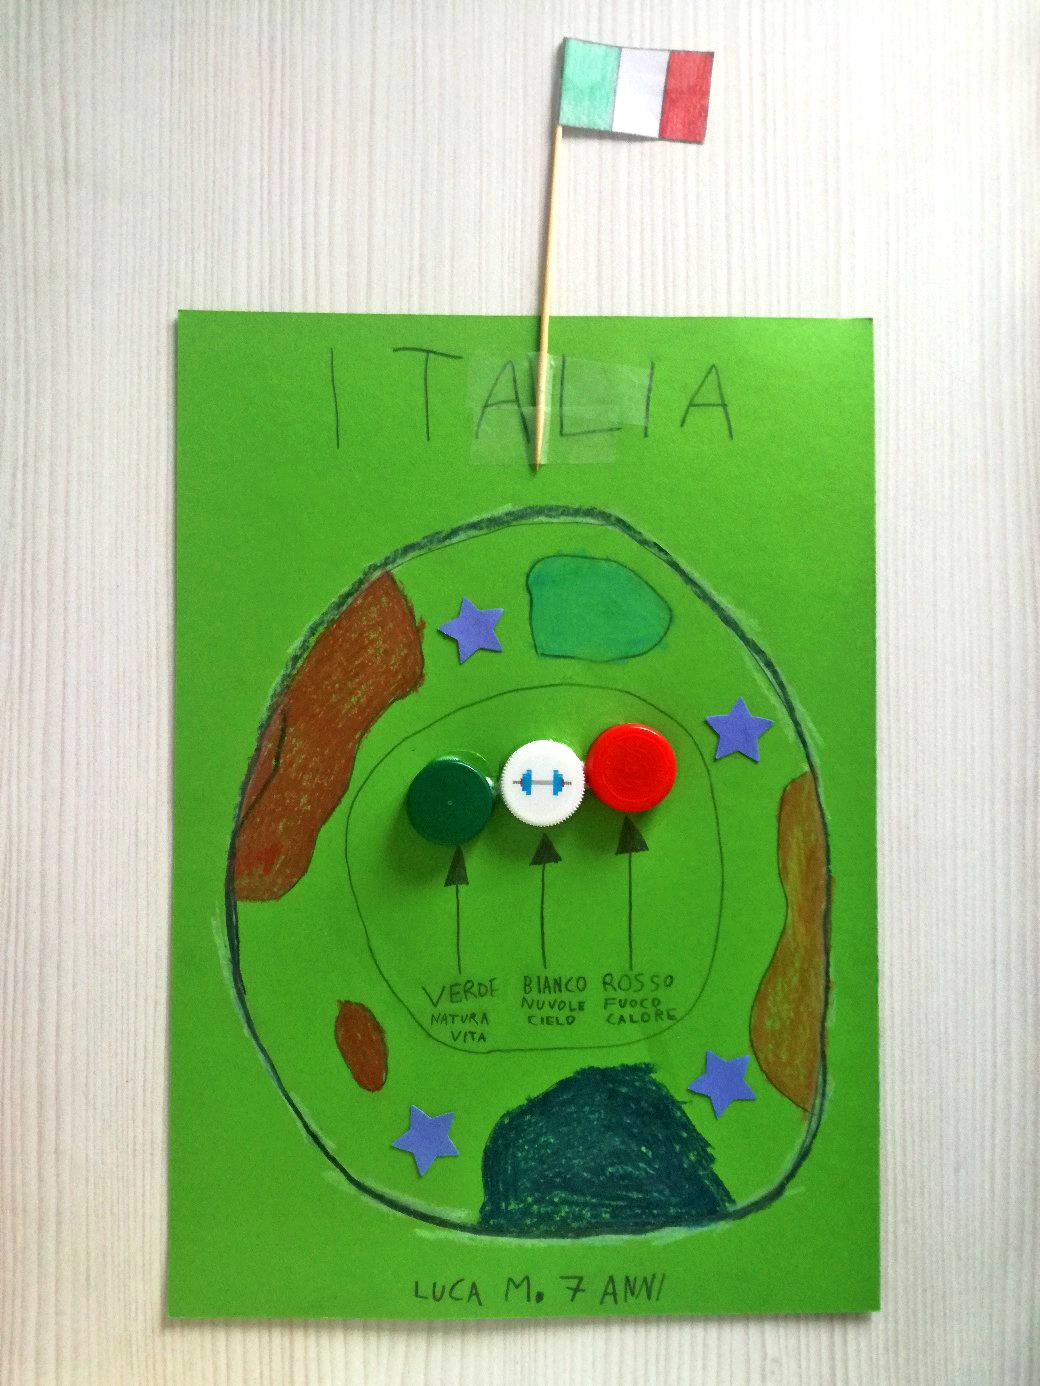 Questo disegno lo ha fatto Luca (7 anni)